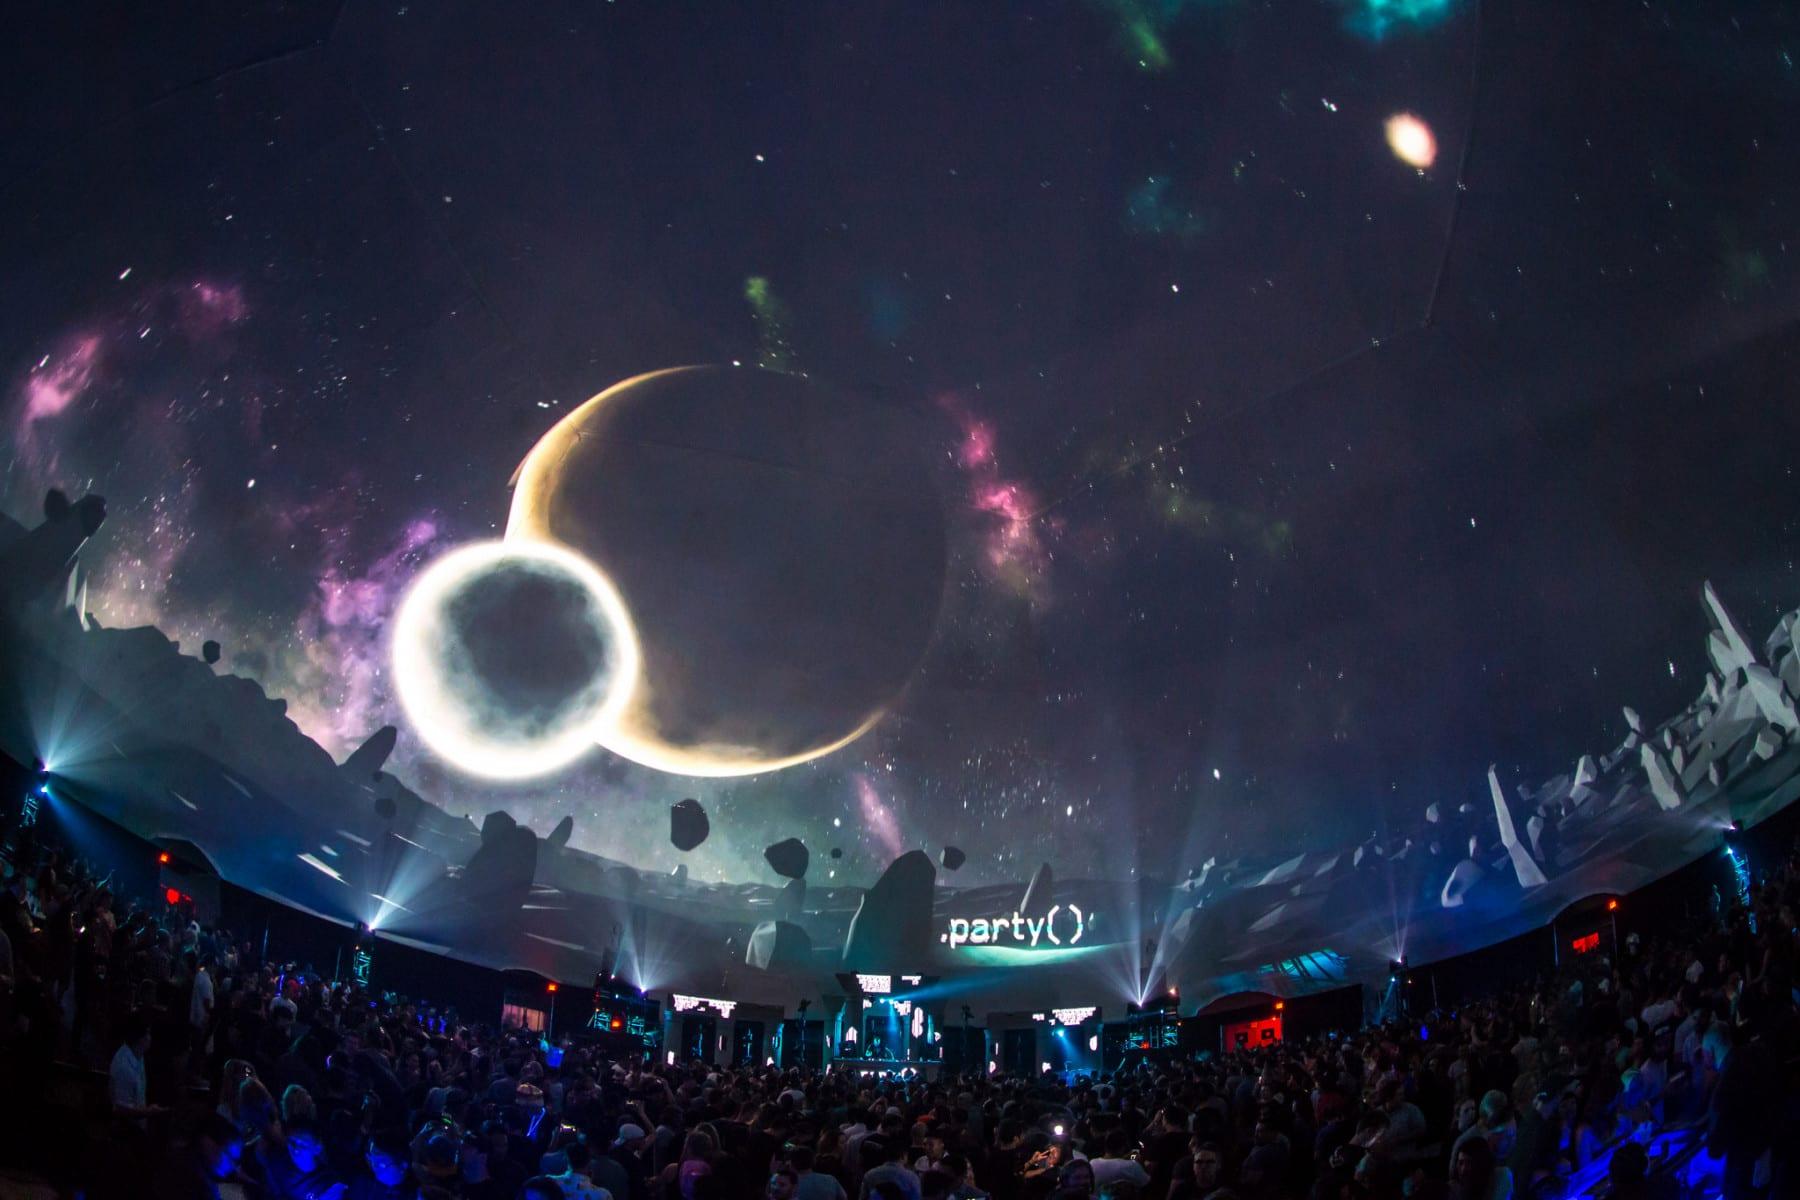 .party() LA 3D graphics